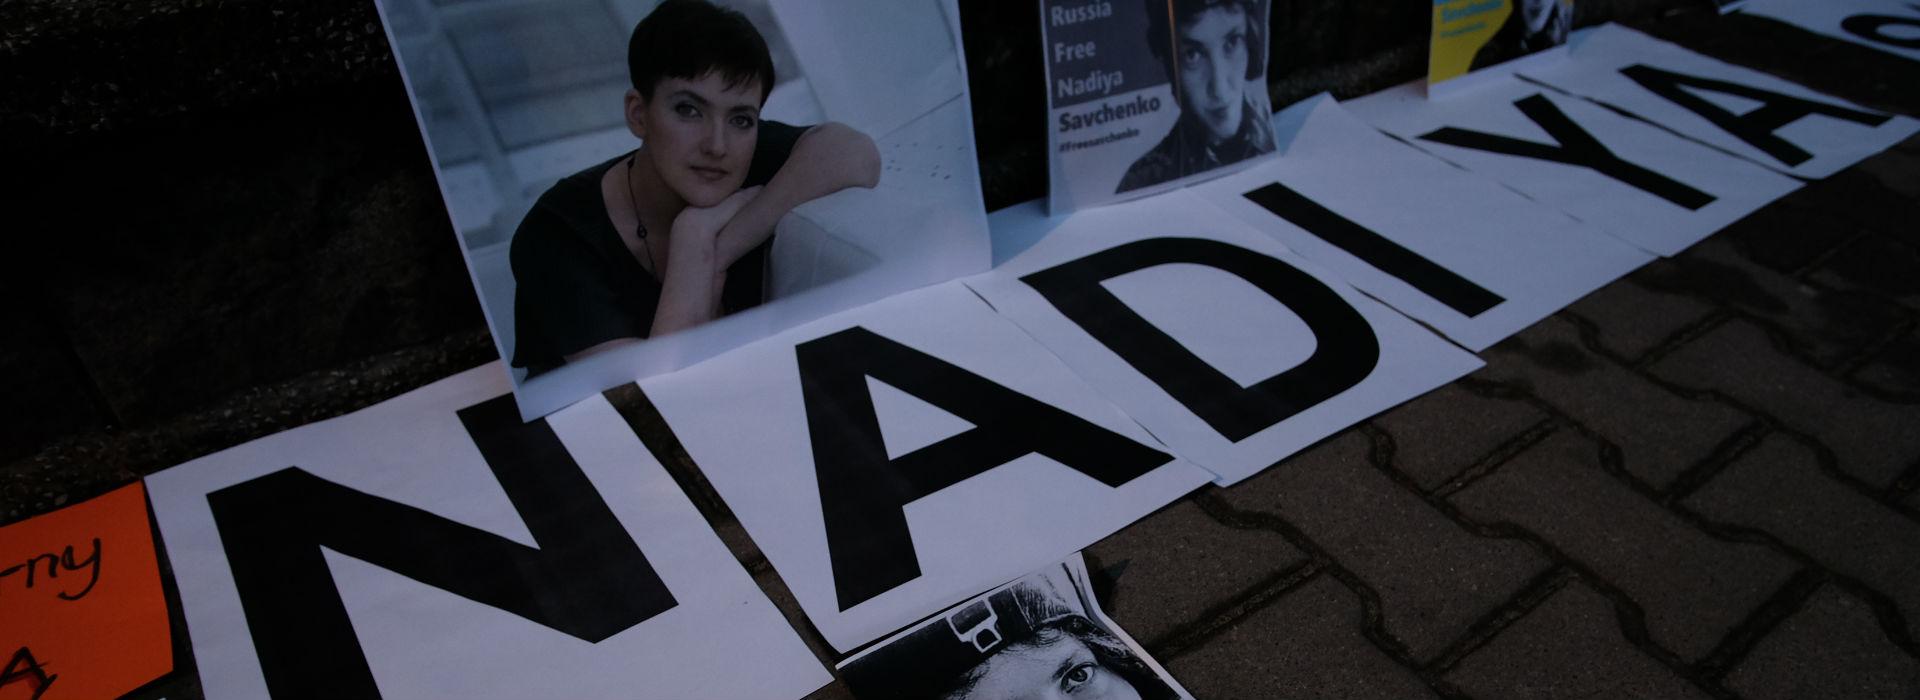 """""""Jestem gotowa oddać życie za Ukrainę"""" – Nadia Sawczenko odzyskała wolność, ale nie przestanie walczyć"""